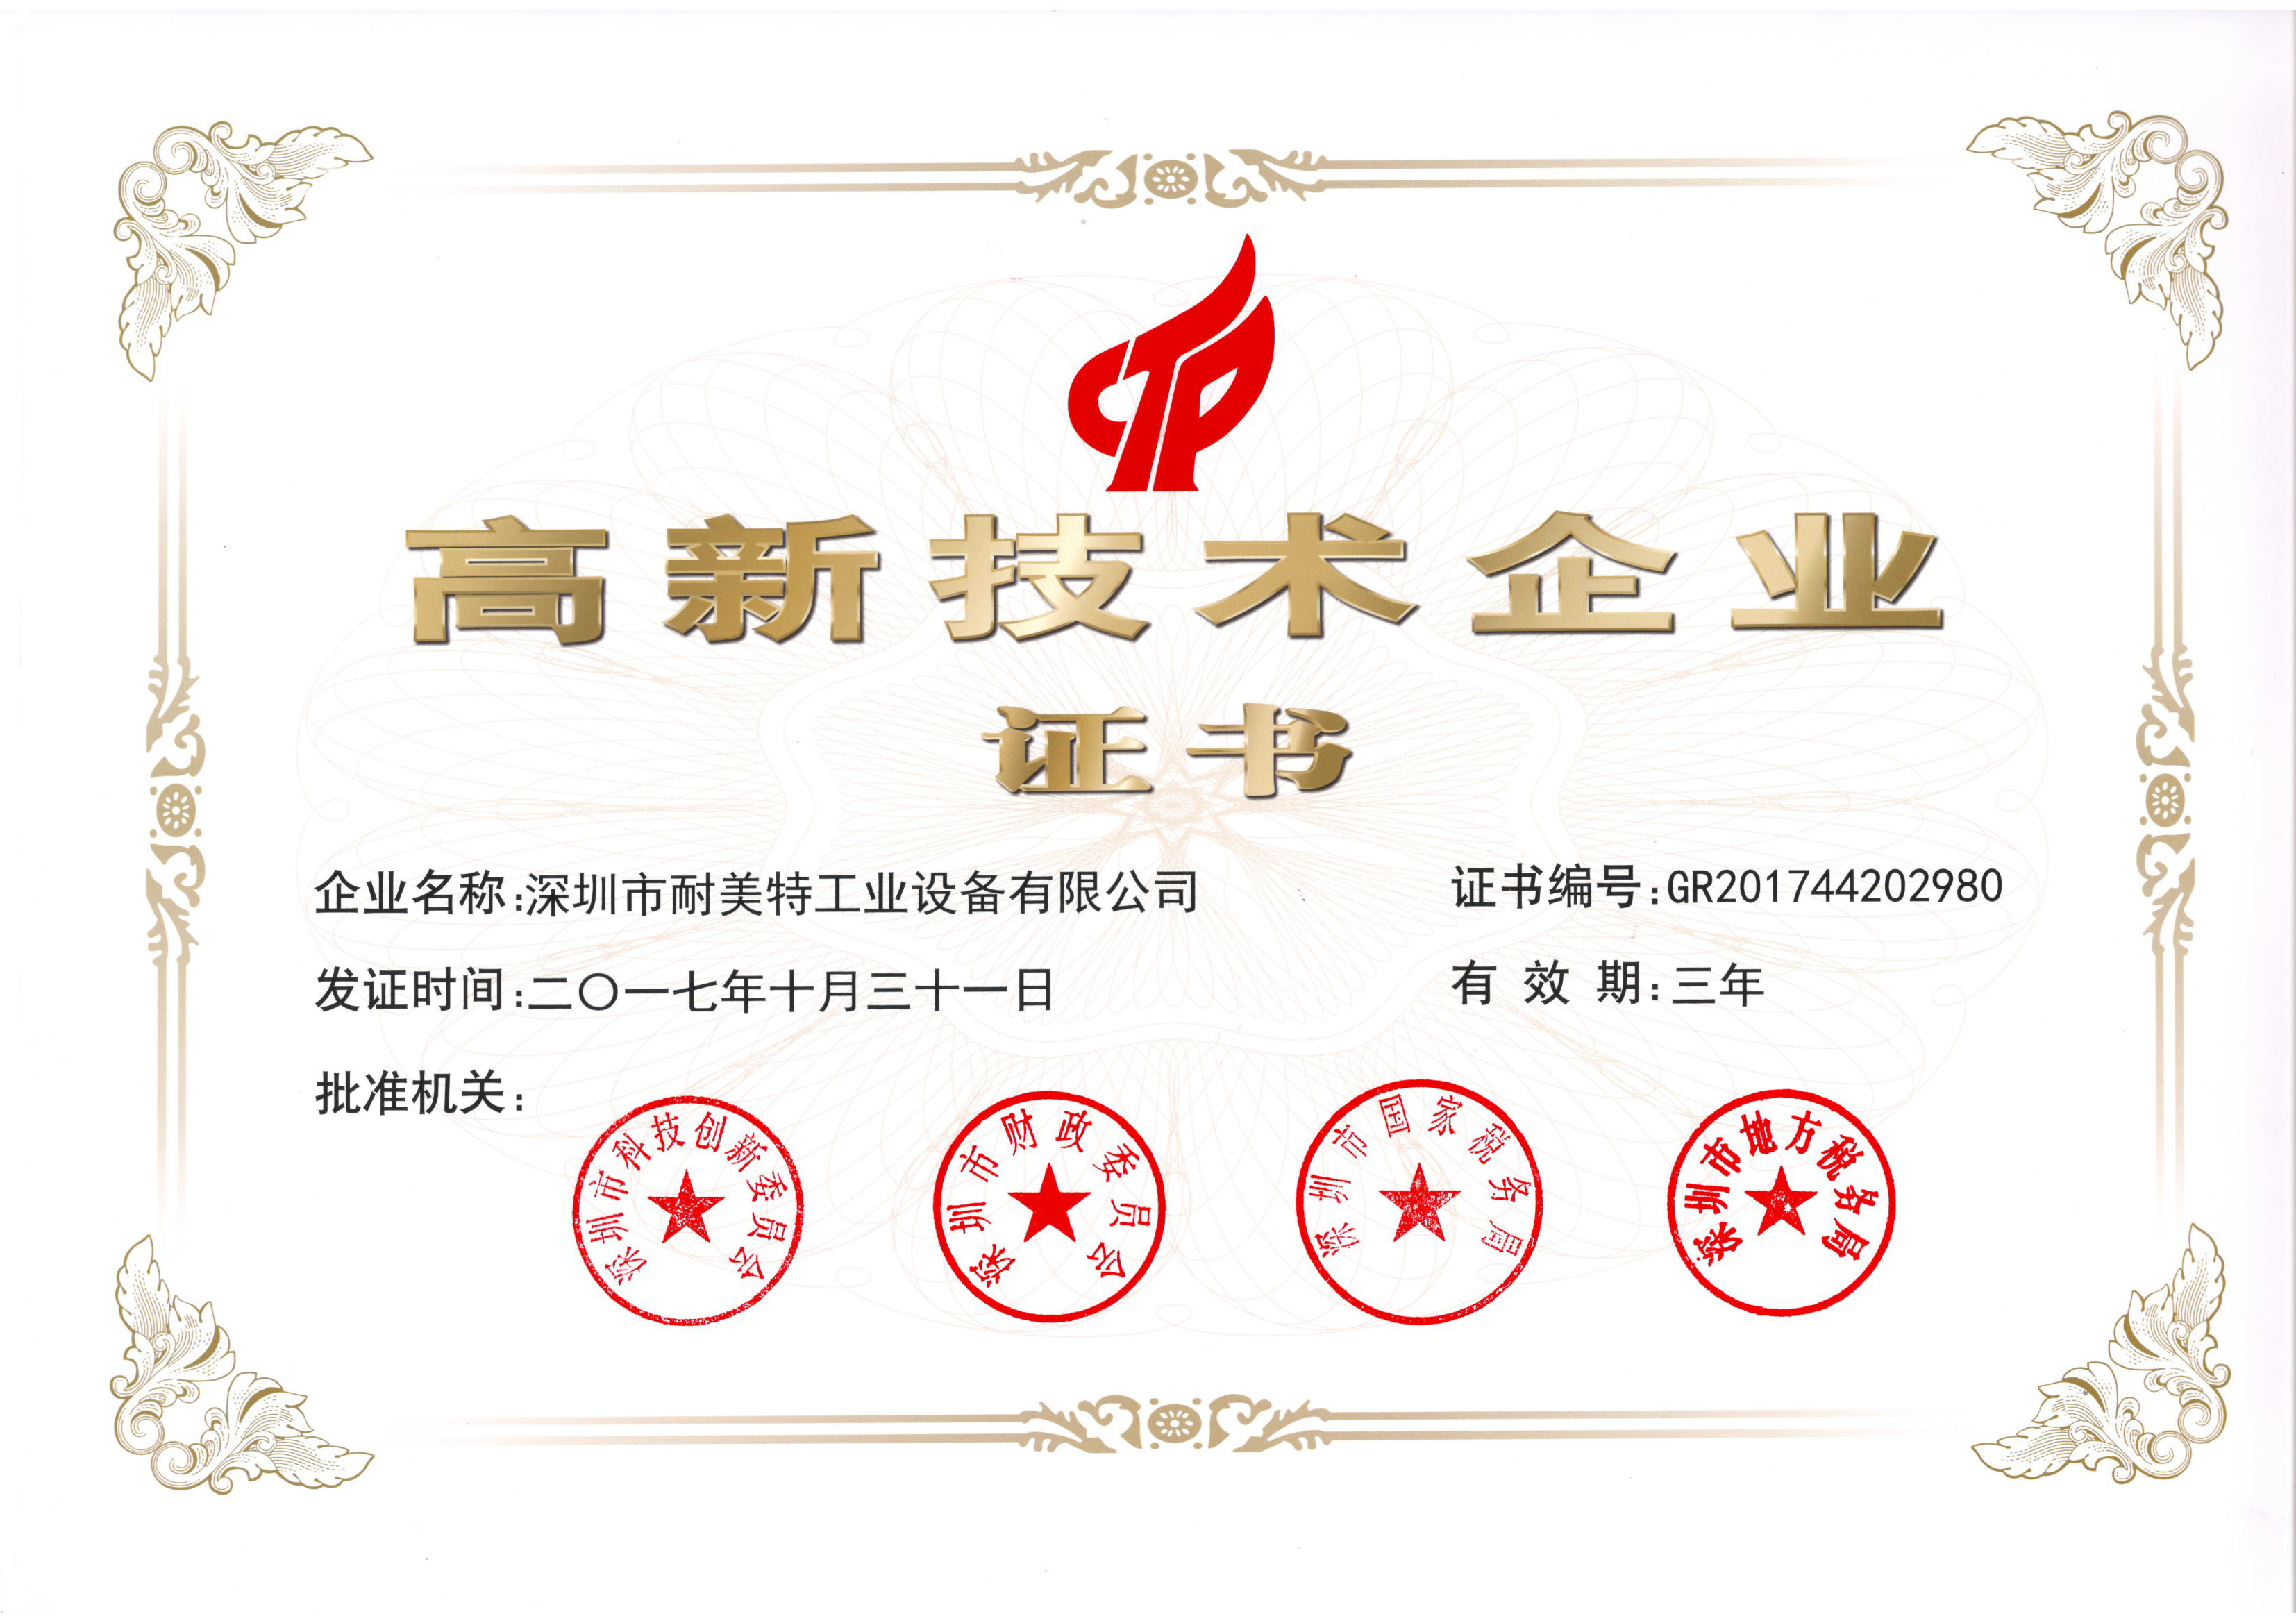 耐美特高新技术企业证书